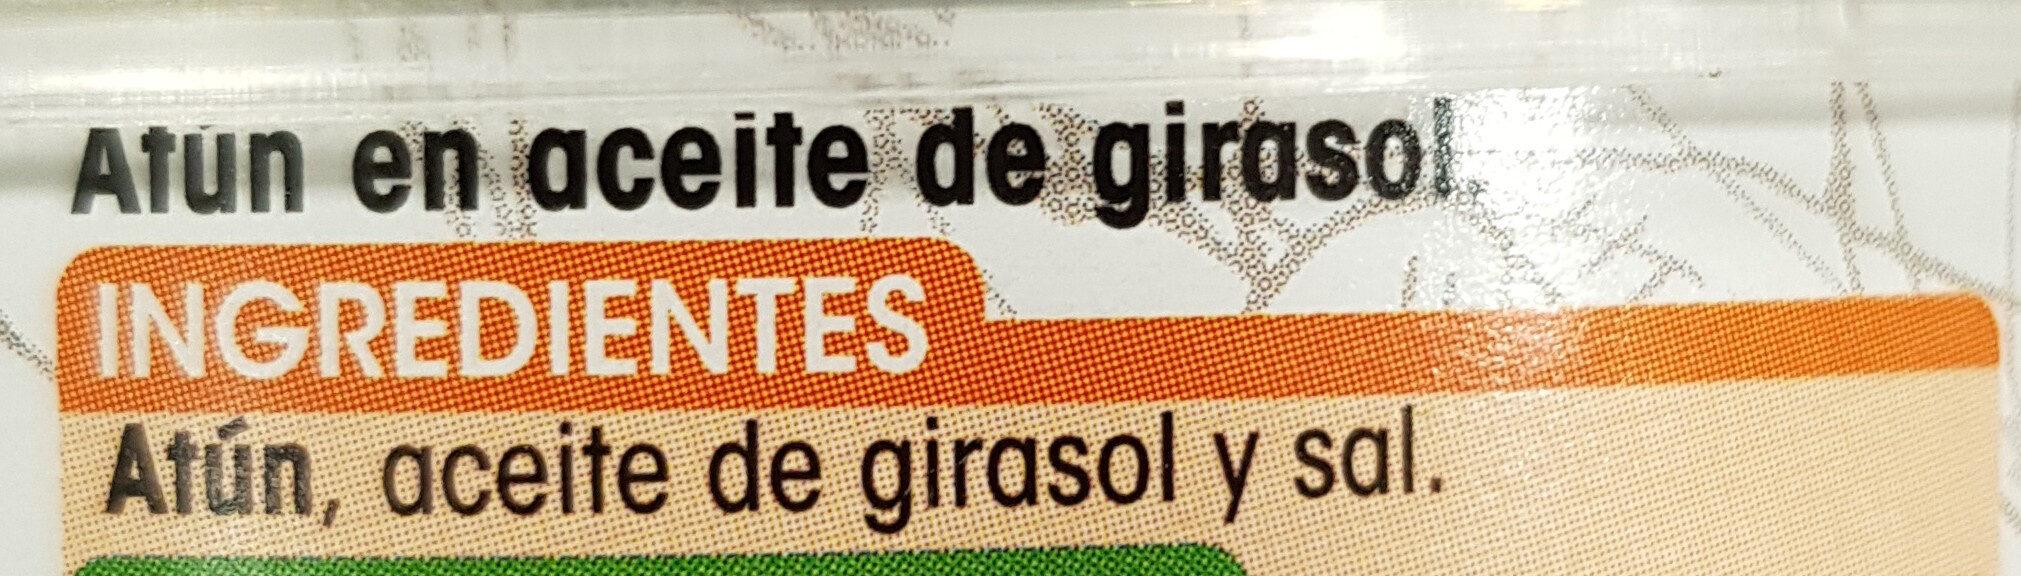 Atún en aceite de girasol - Ingredientes - es